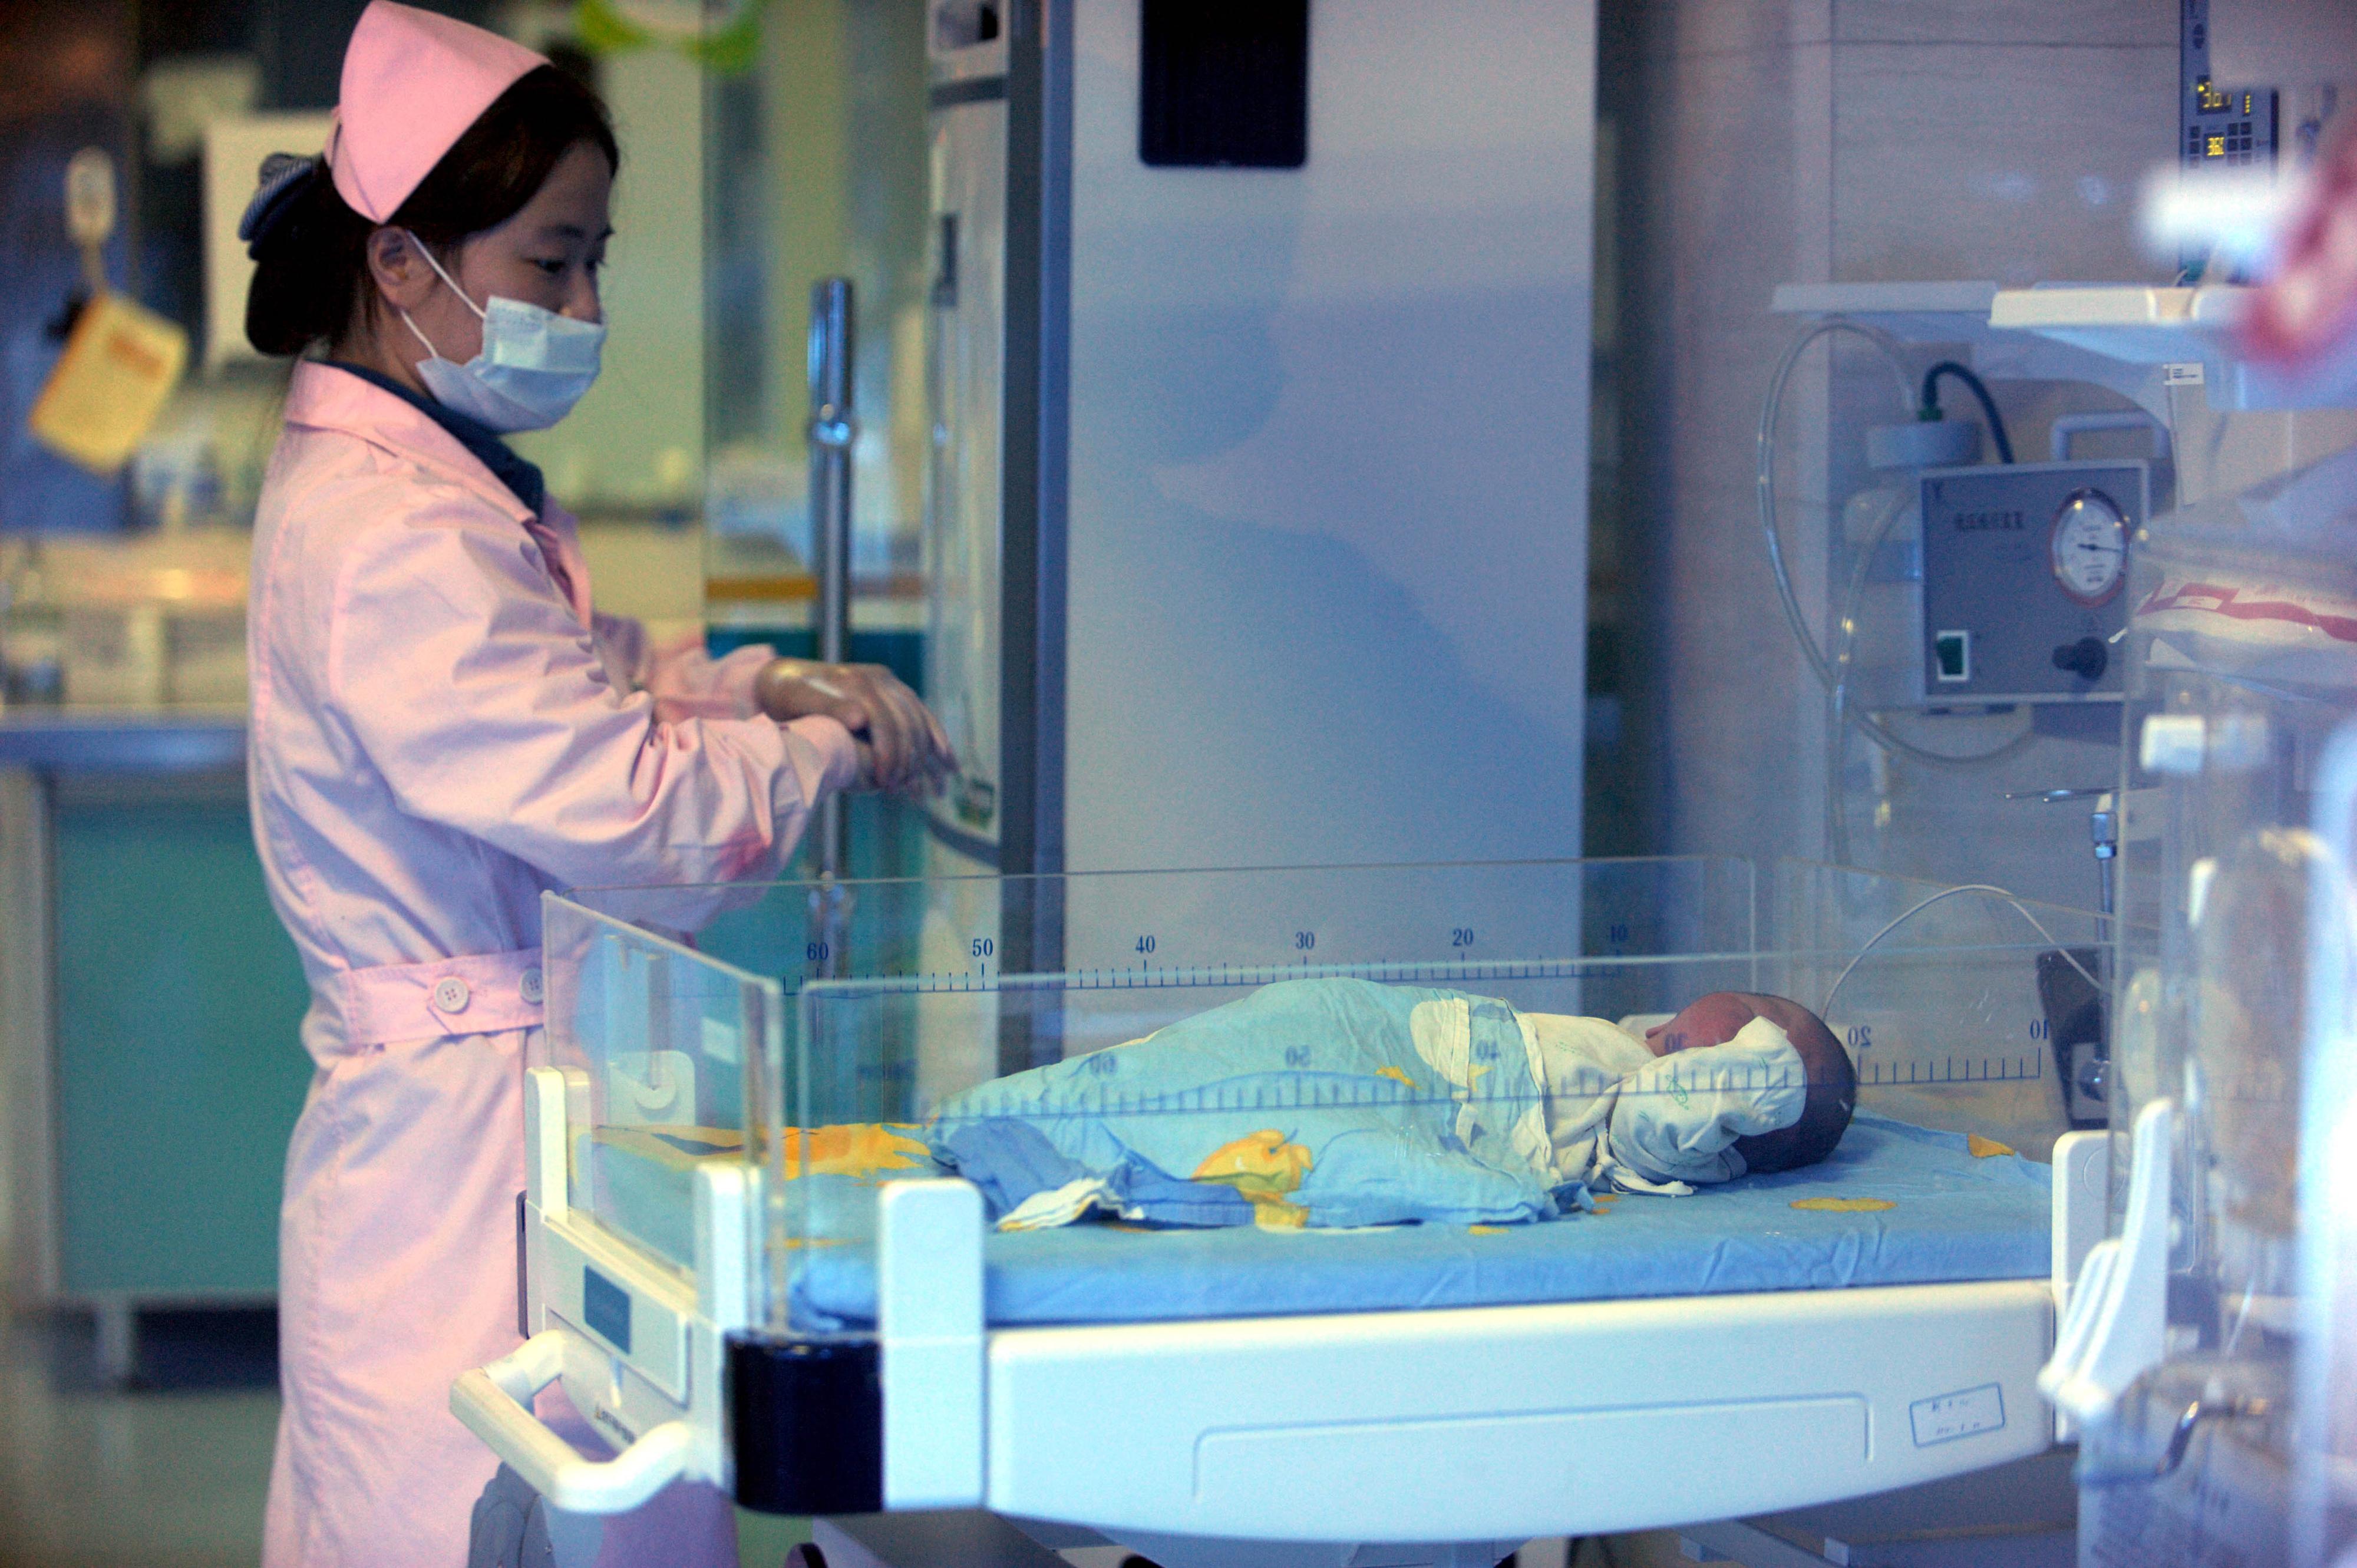 Bebé sobrevive a 15 horas fechado num frigorífico da morgue